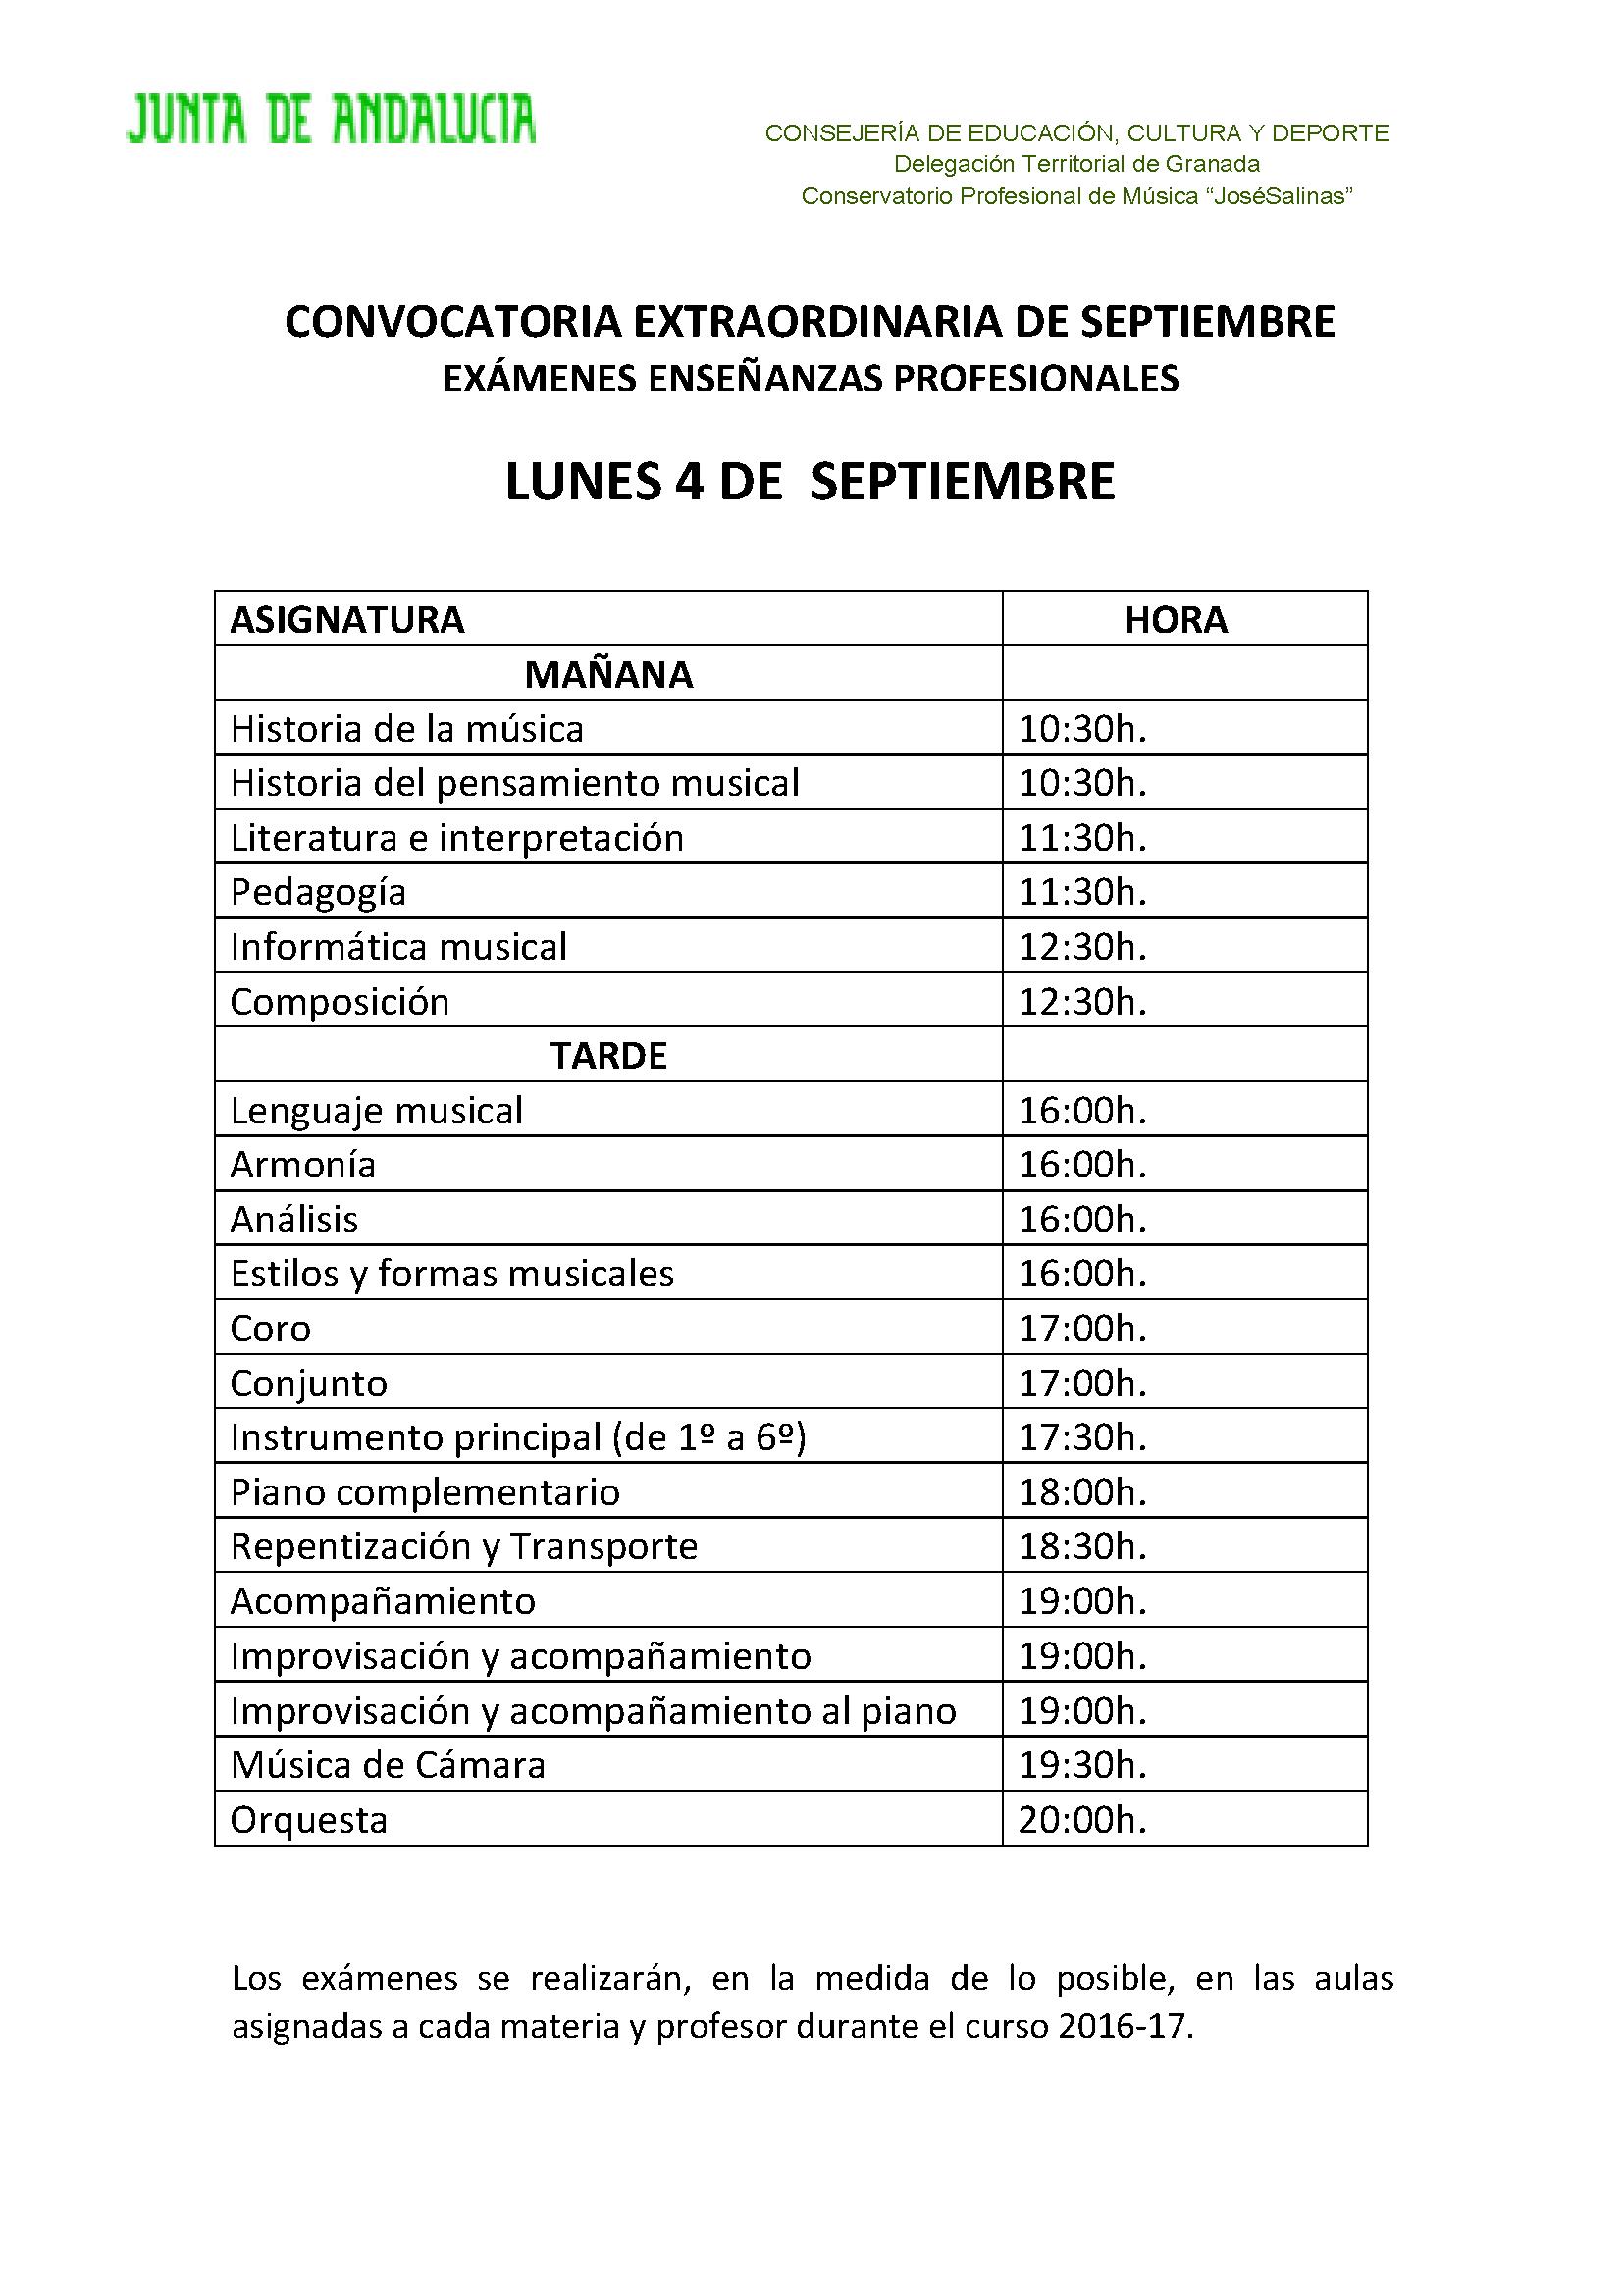 CONVOCATORIA EXTRAORDINARIA DE SEPTIEMBRE: Día y hora de los exámenes